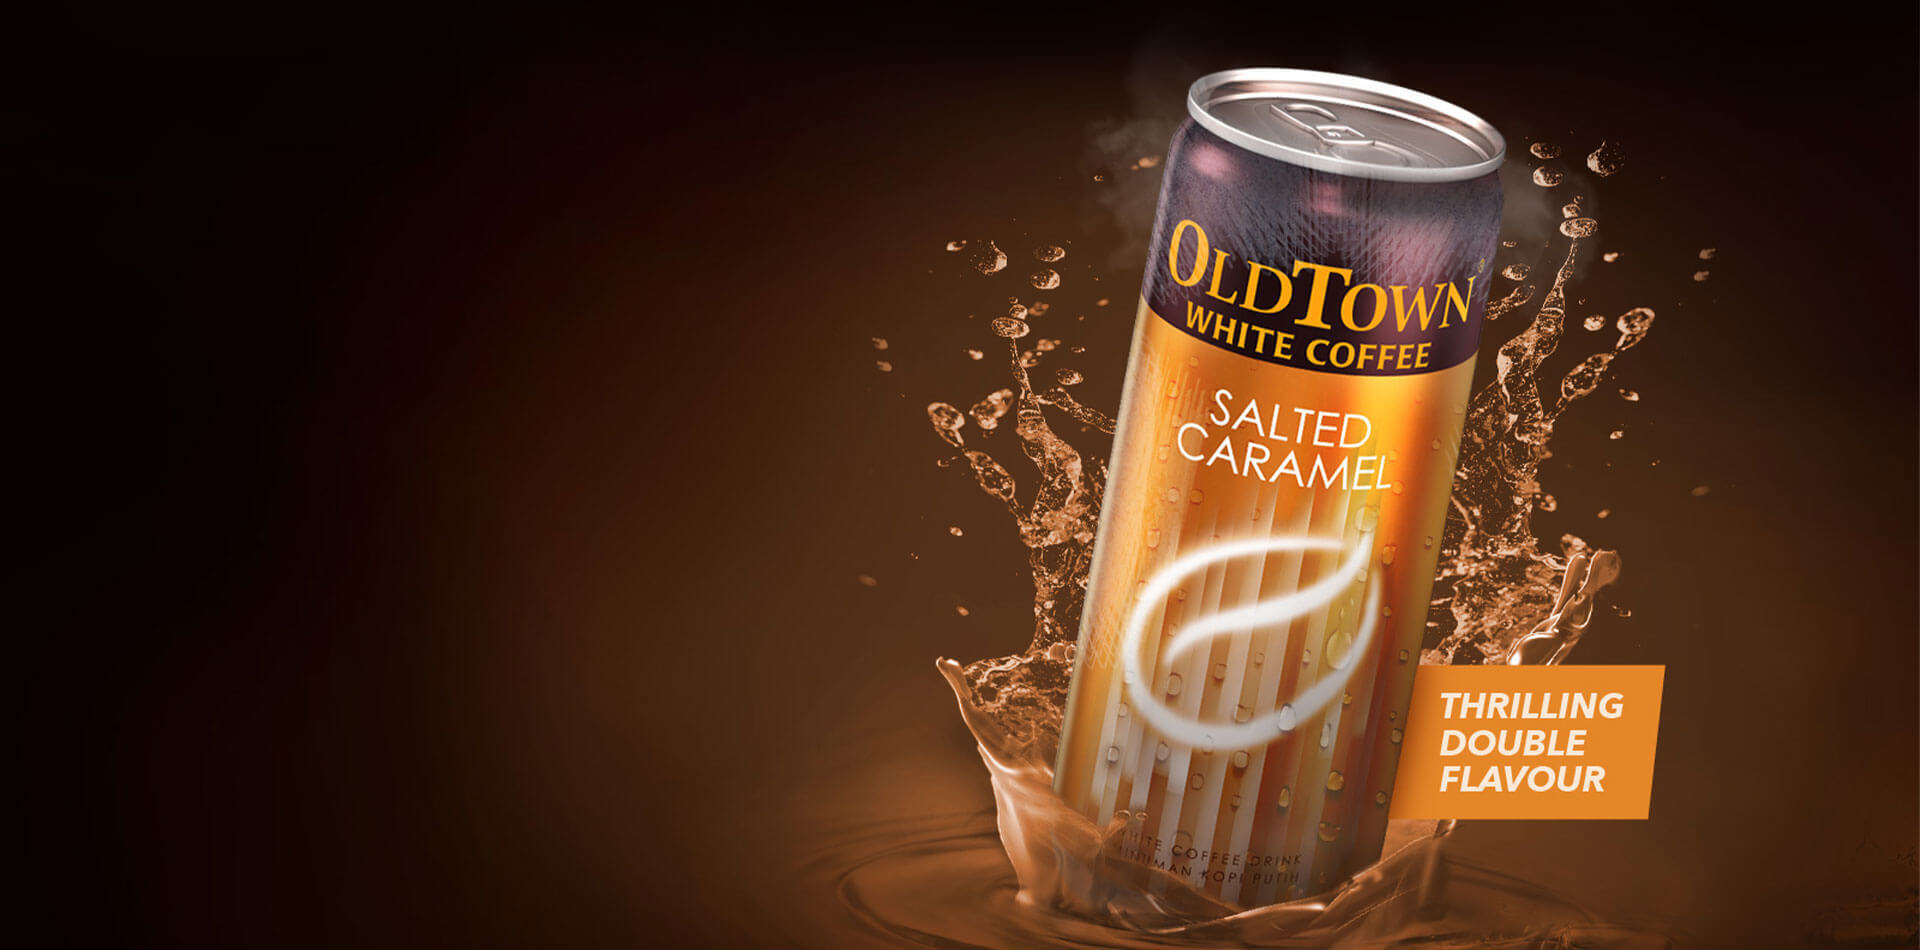 Desktop version caramel flavor slider image